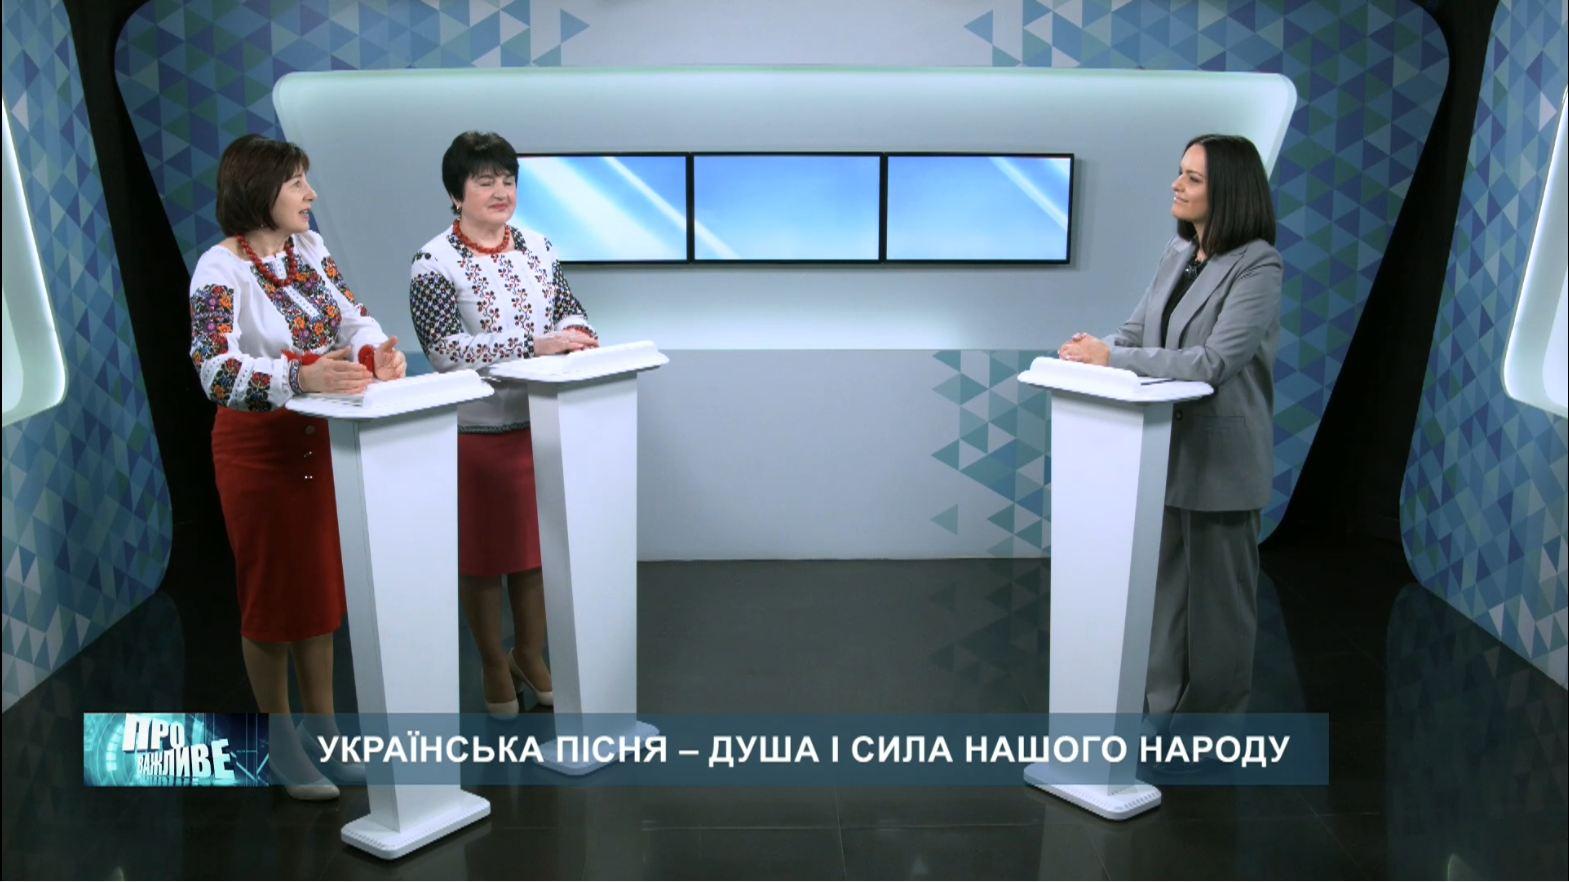 «Про важливе». Українська пісня – душа і сила нашого народу